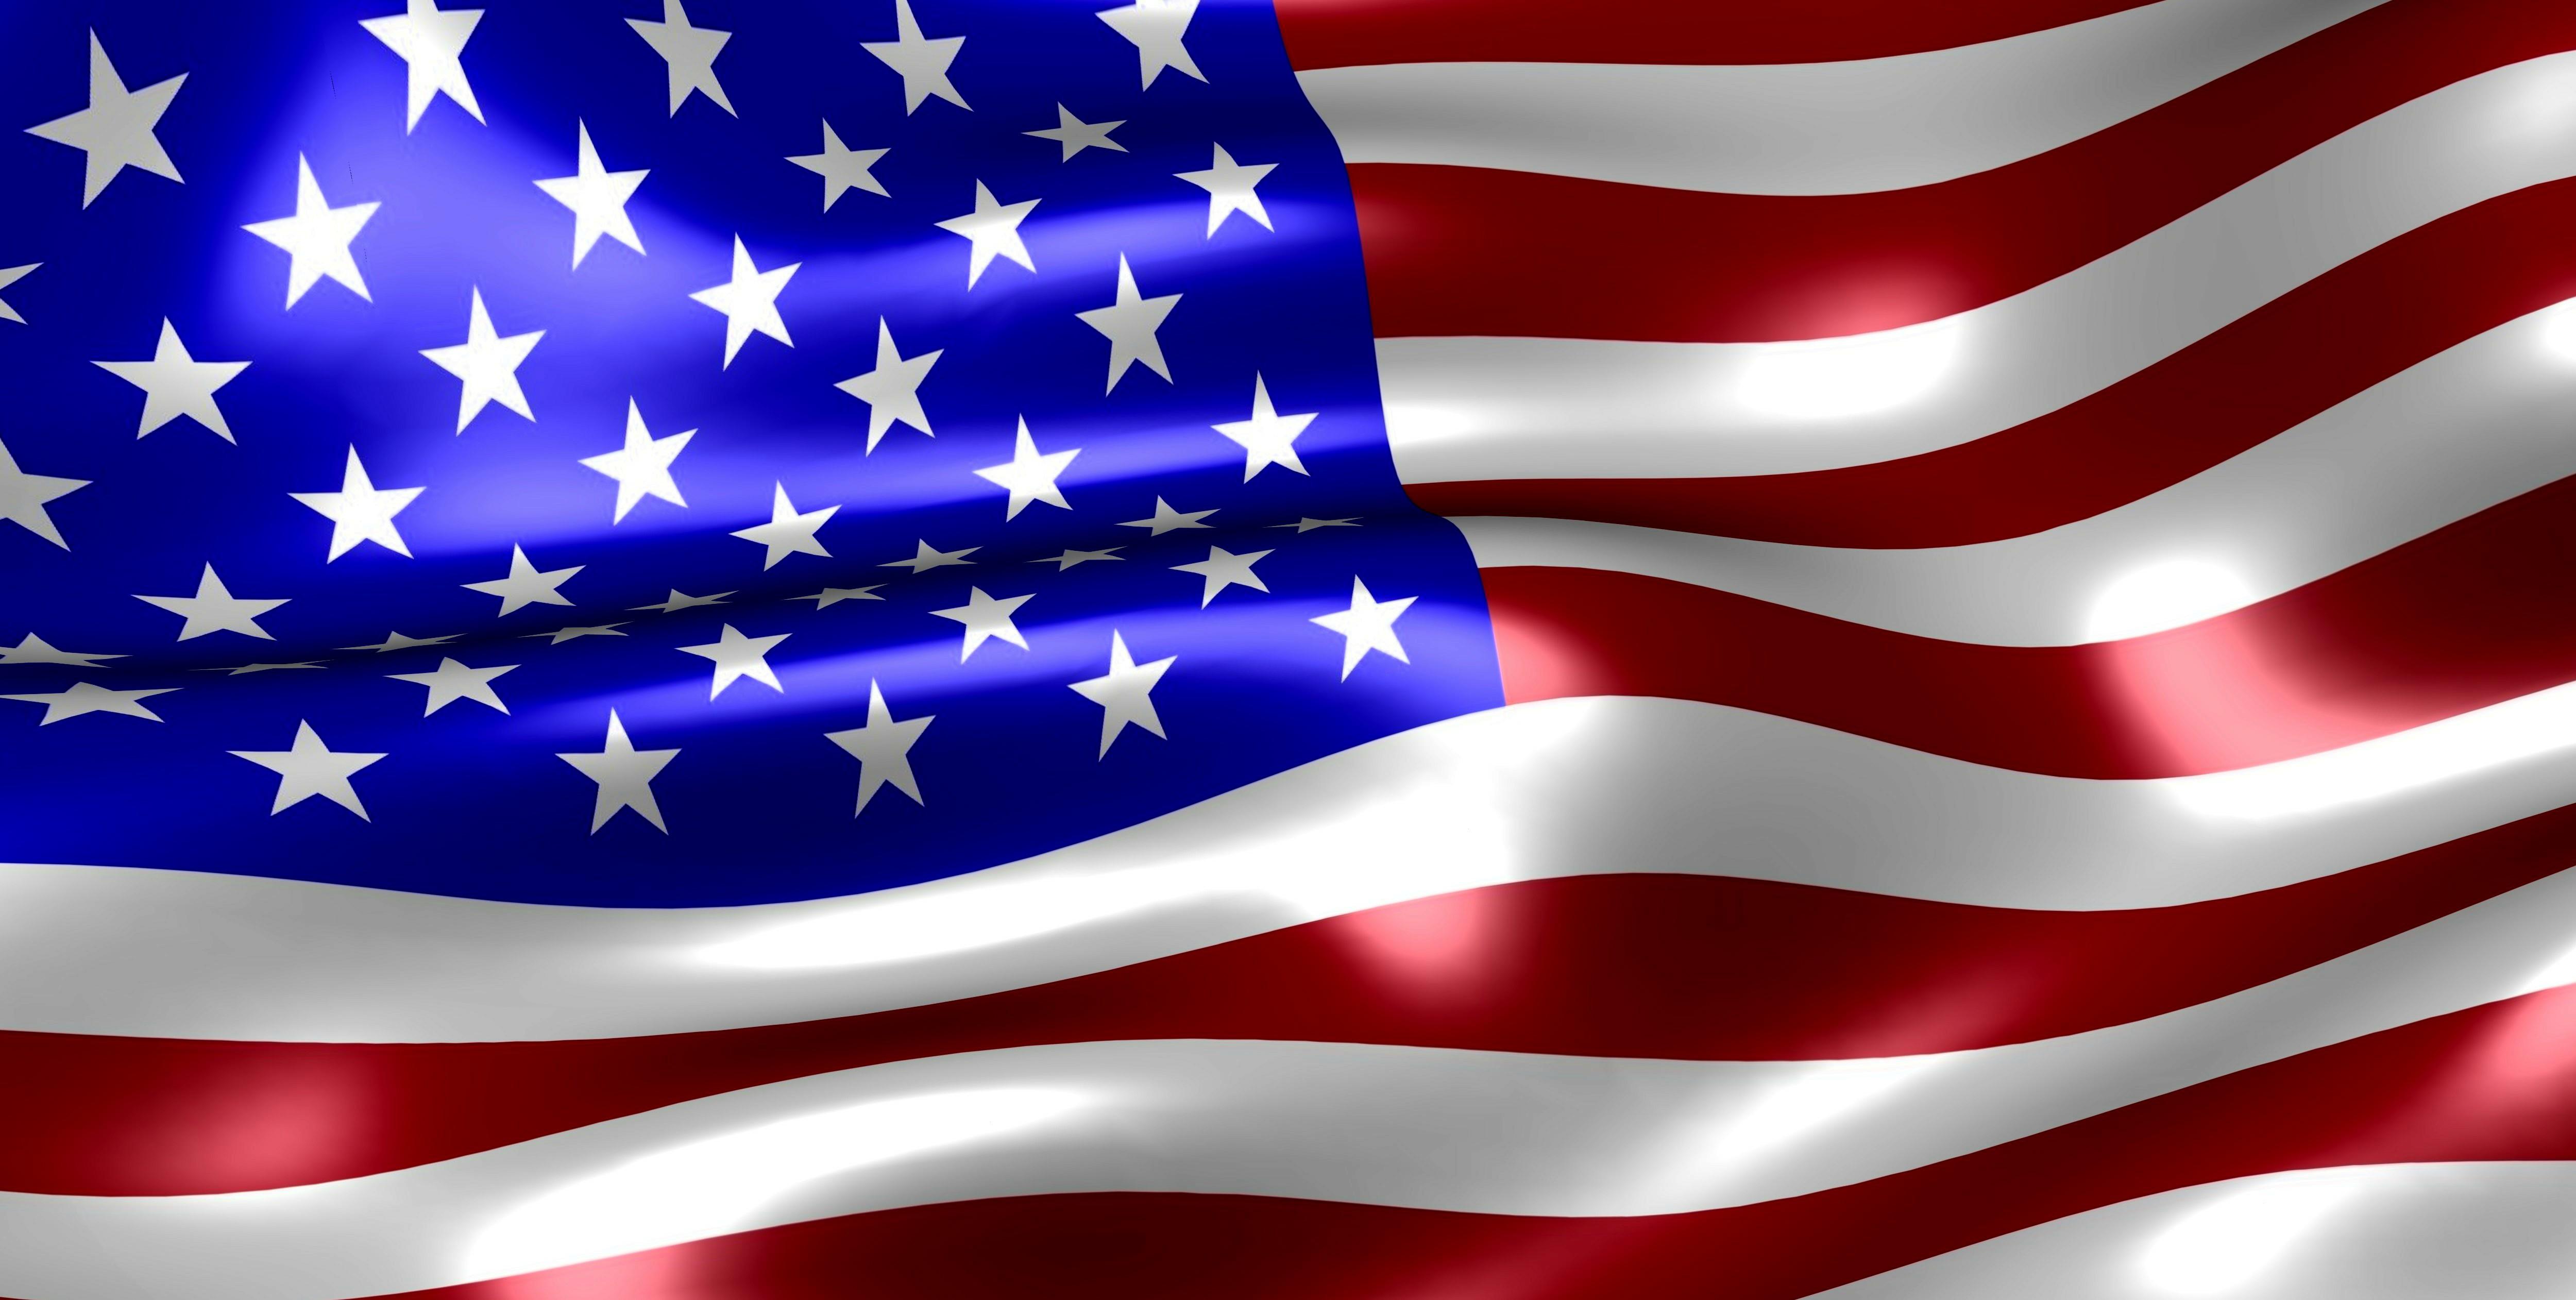 Hd american flag wallpapers wallpapersafari - American flag hd ...